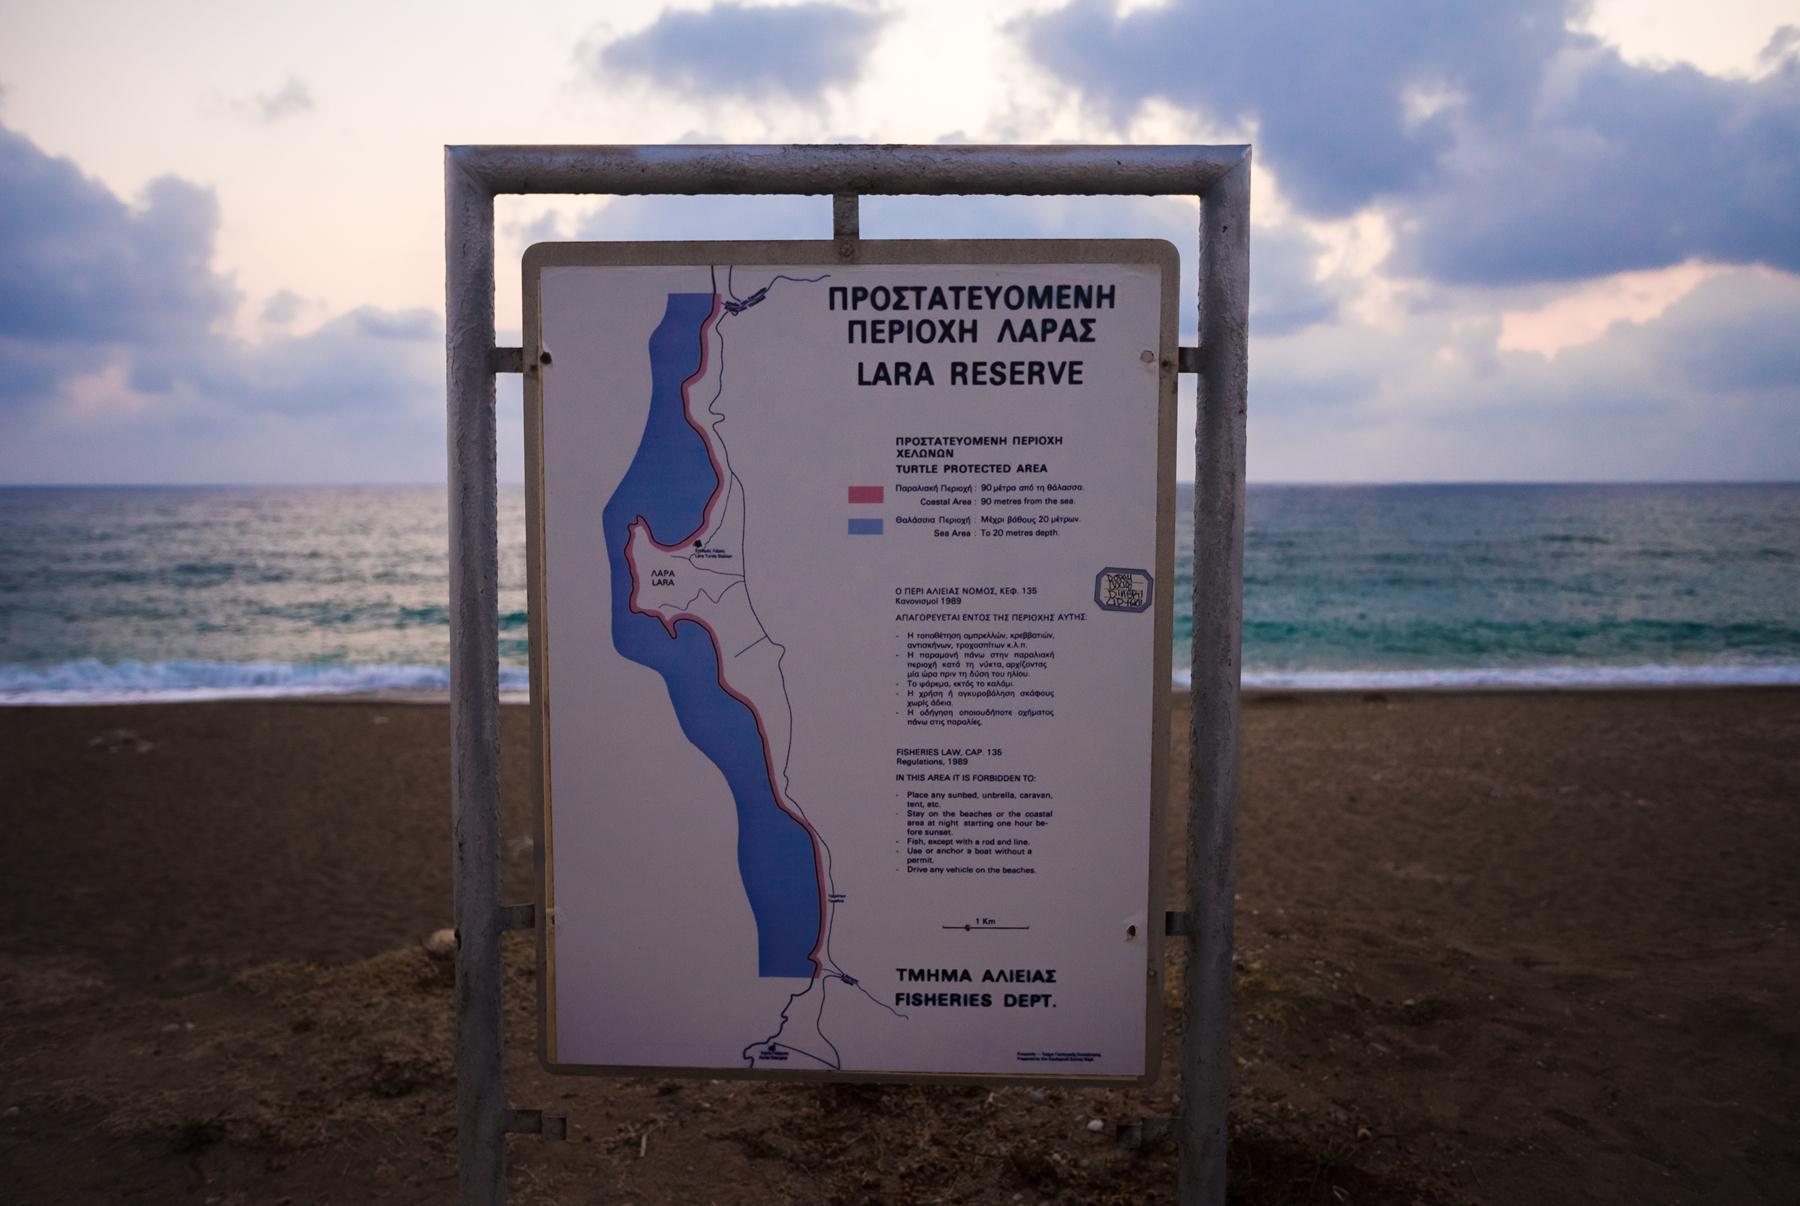 Информационный стенд о заповеднике Lara Reserve